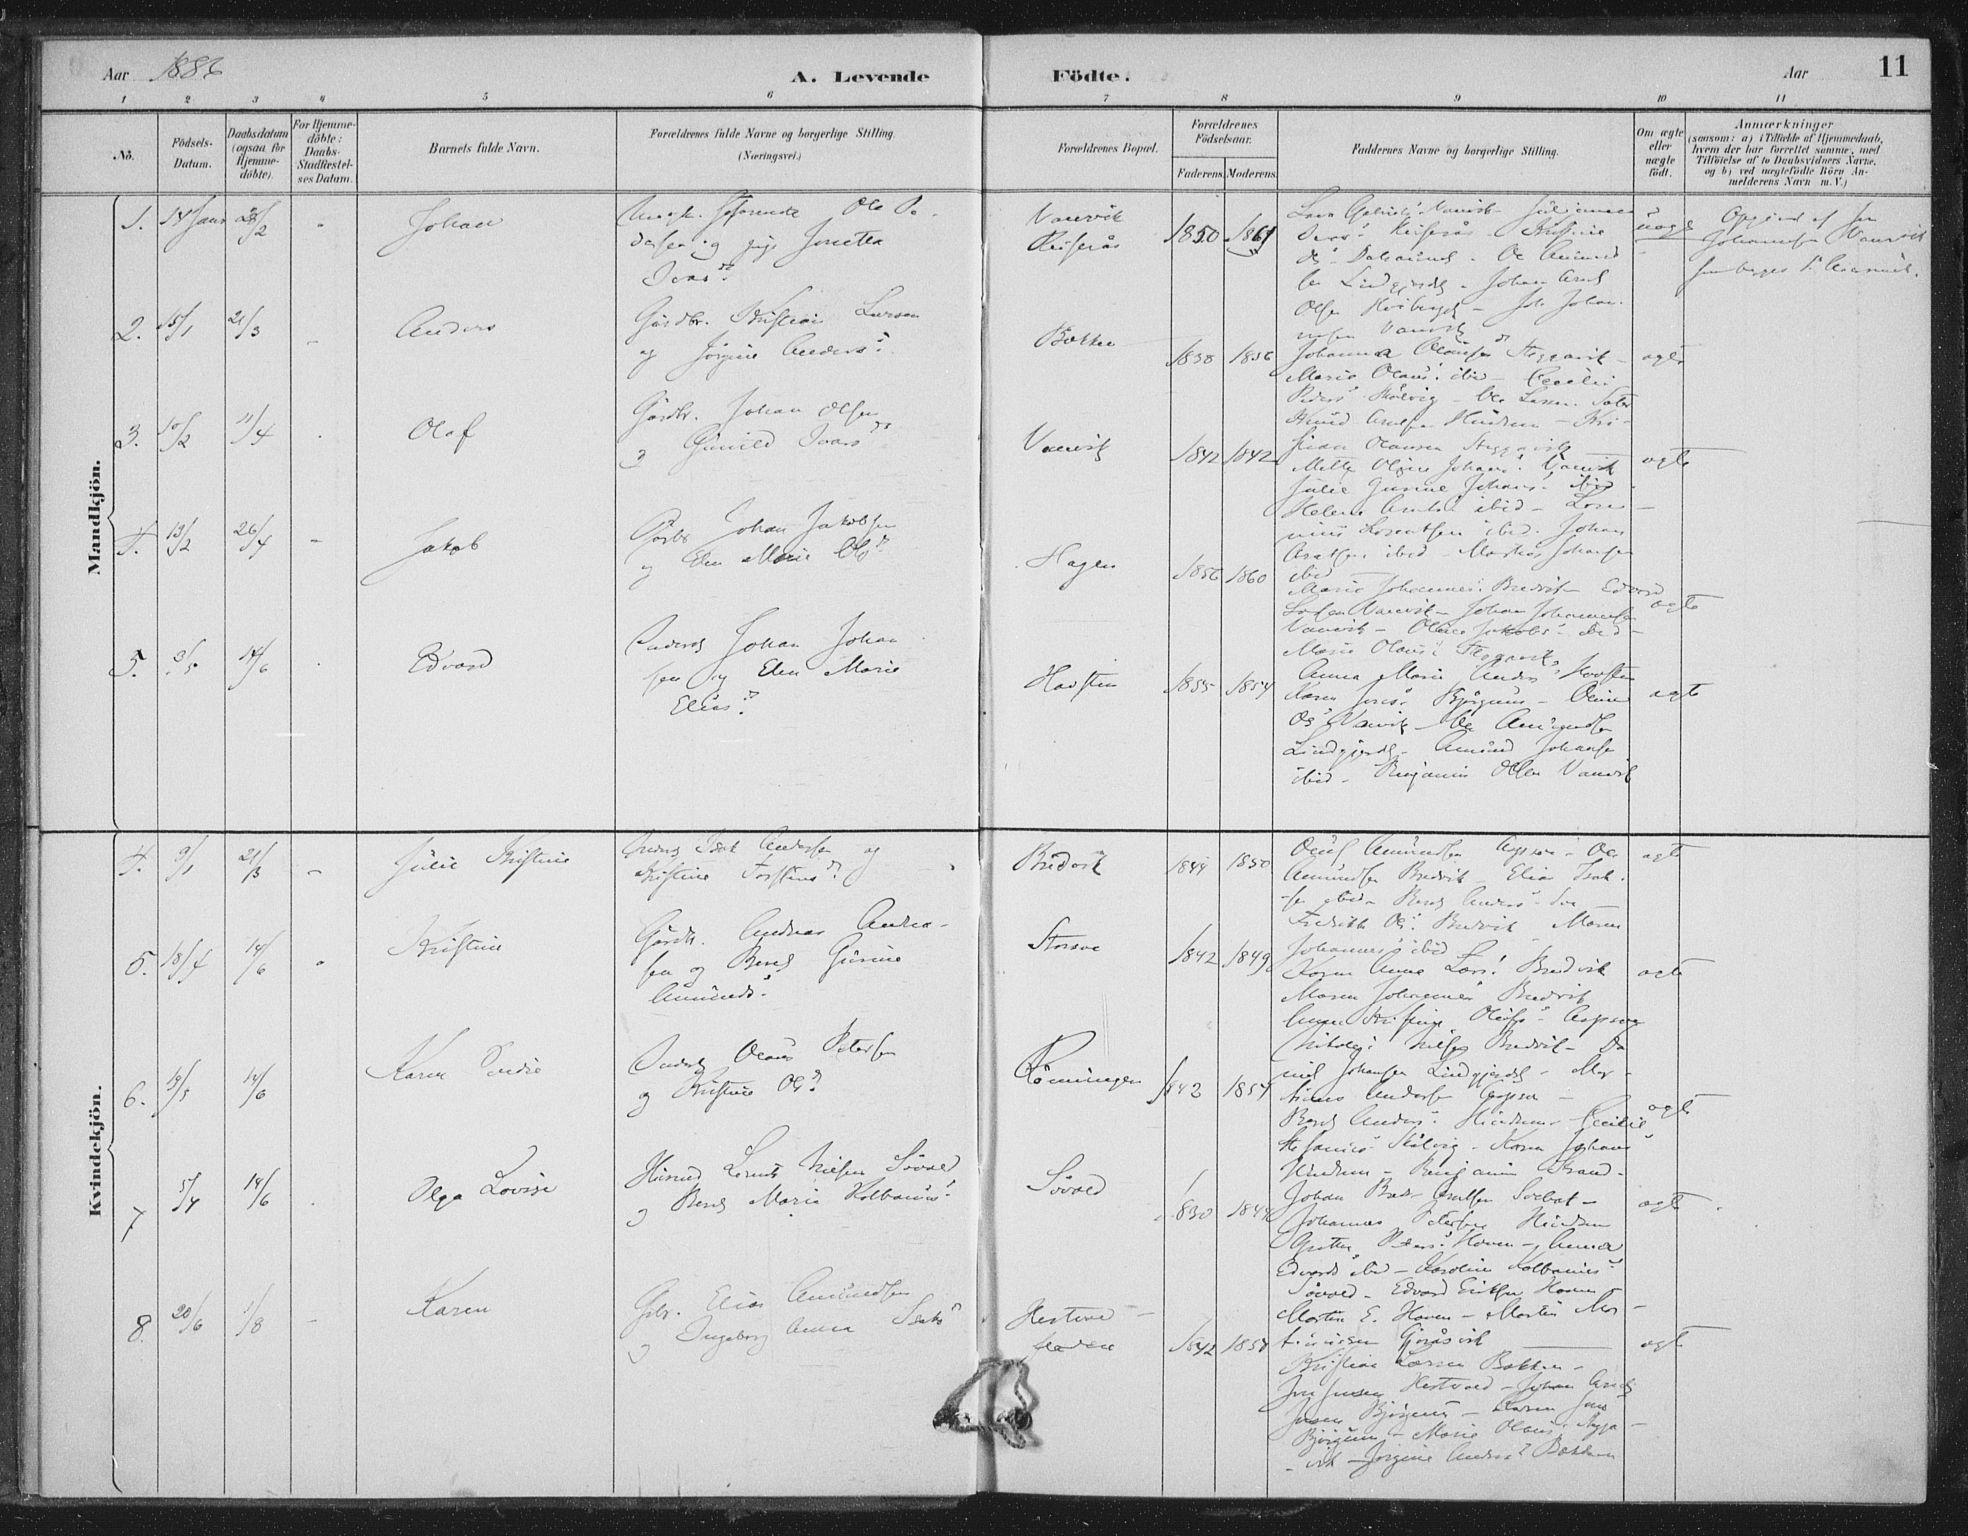 SAT, Ministerialprotokoller, klokkerbøker og fødselsregistre - Nord-Trøndelag, 702/L0023: Ministerialbok nr. 702A01, 1883-1897, s. 11